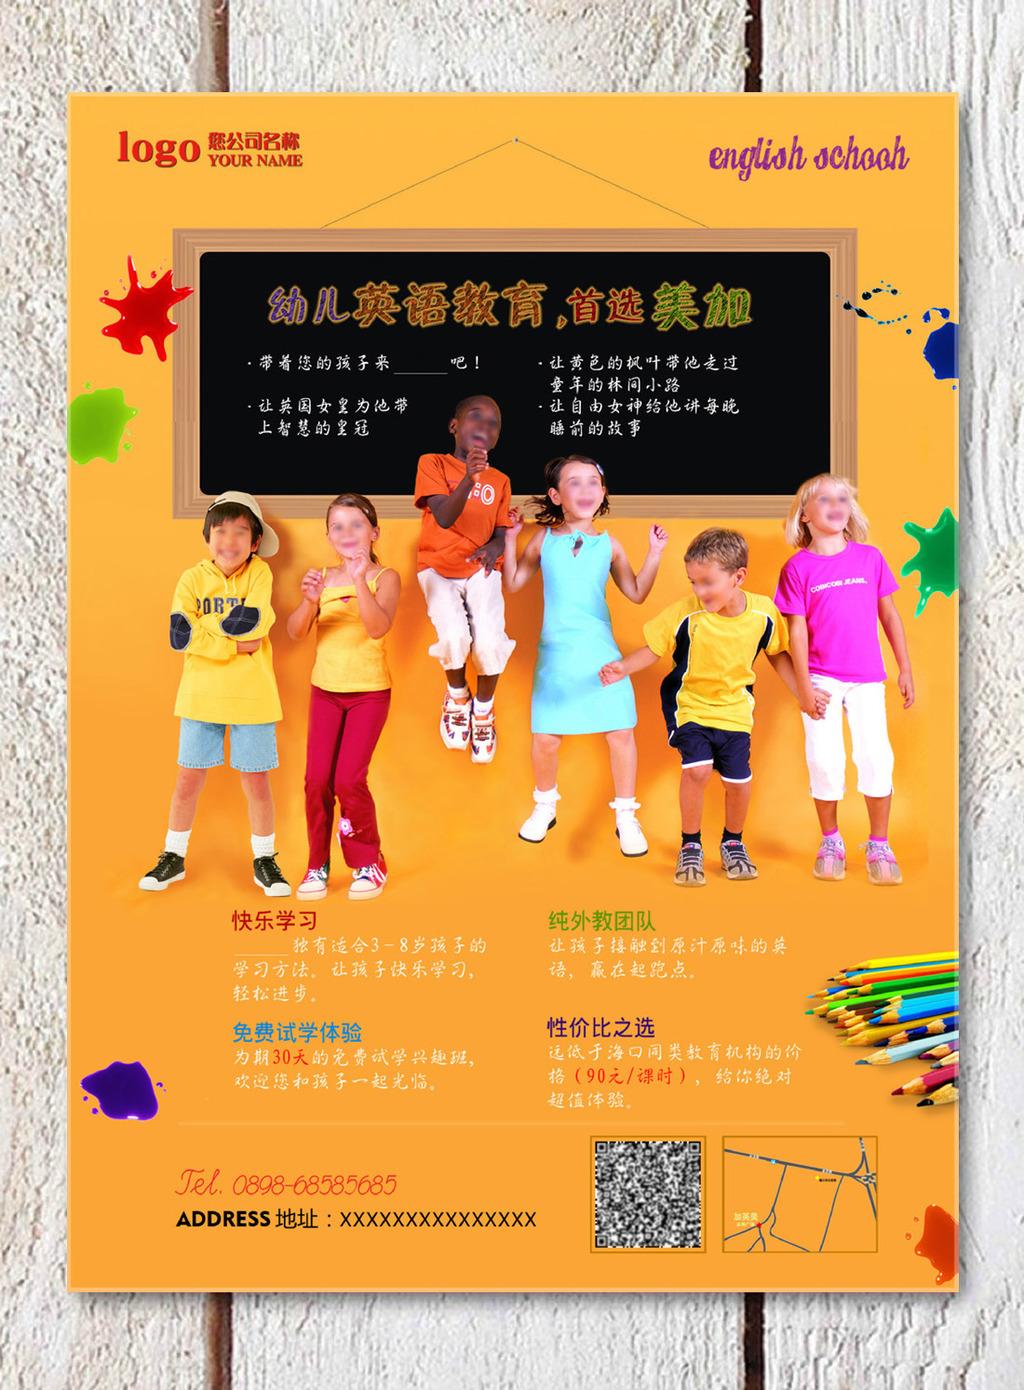 英语教育 教育海报 英语海报